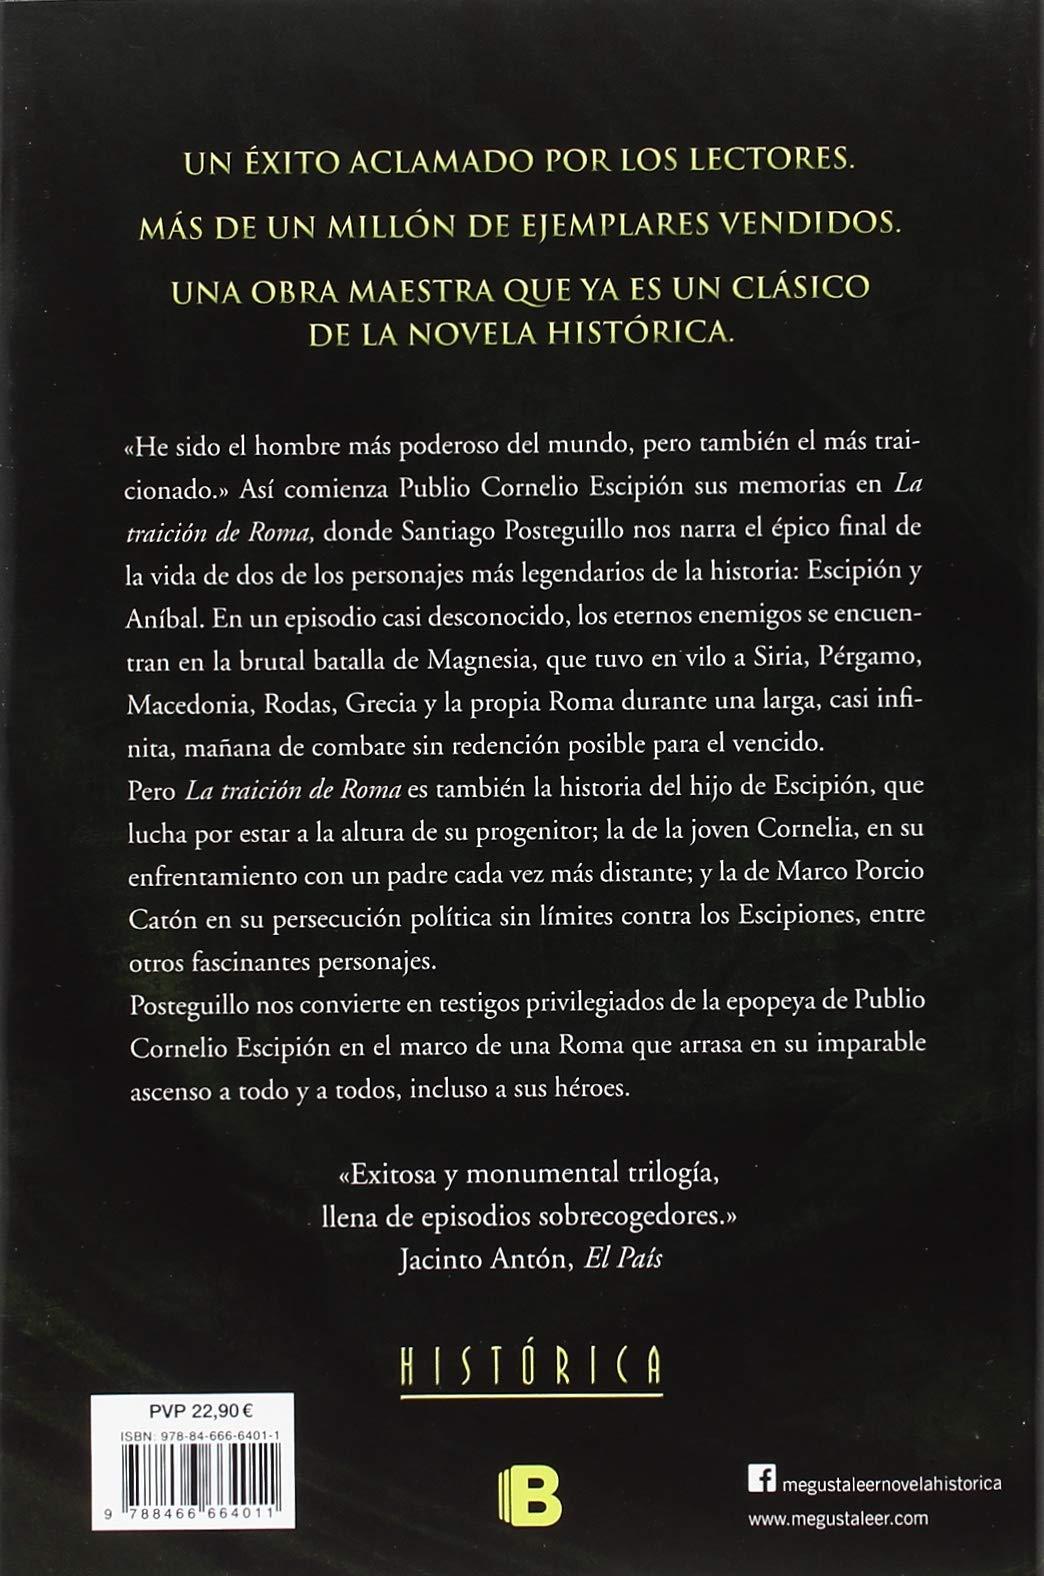 La traición de Roma Trilogía Africanus 3 Histórica: Amazon.es: Santiago Posteguillo: Libros